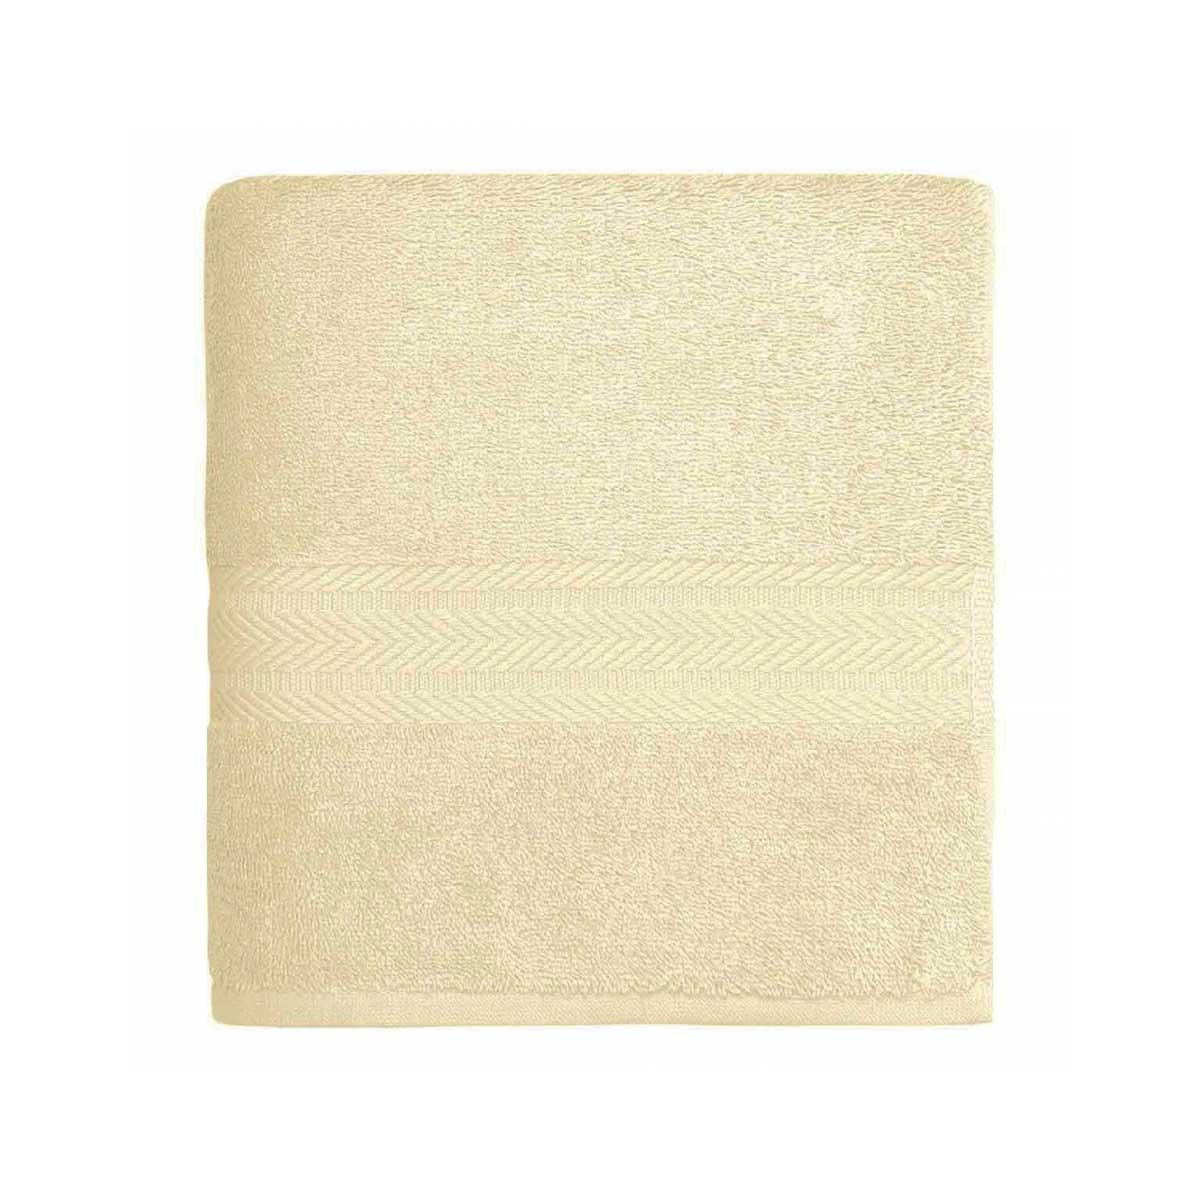 Serviette de toilette en coton de 550gr/m² écru - Ecru - 50 x 100 cm